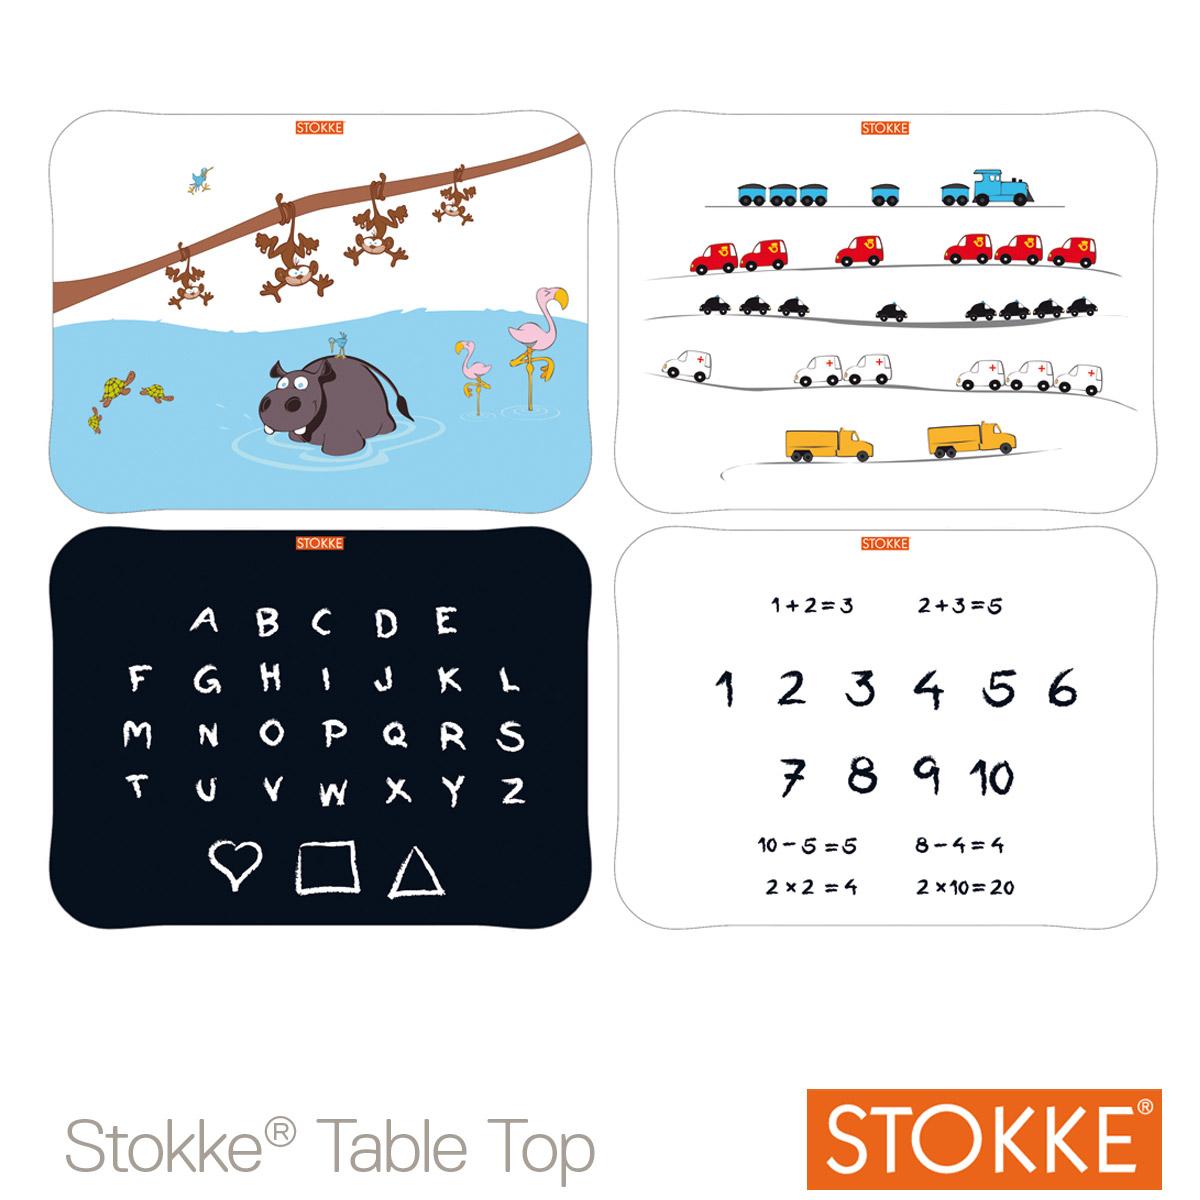 Plateau pour bébé Stokke Table Top